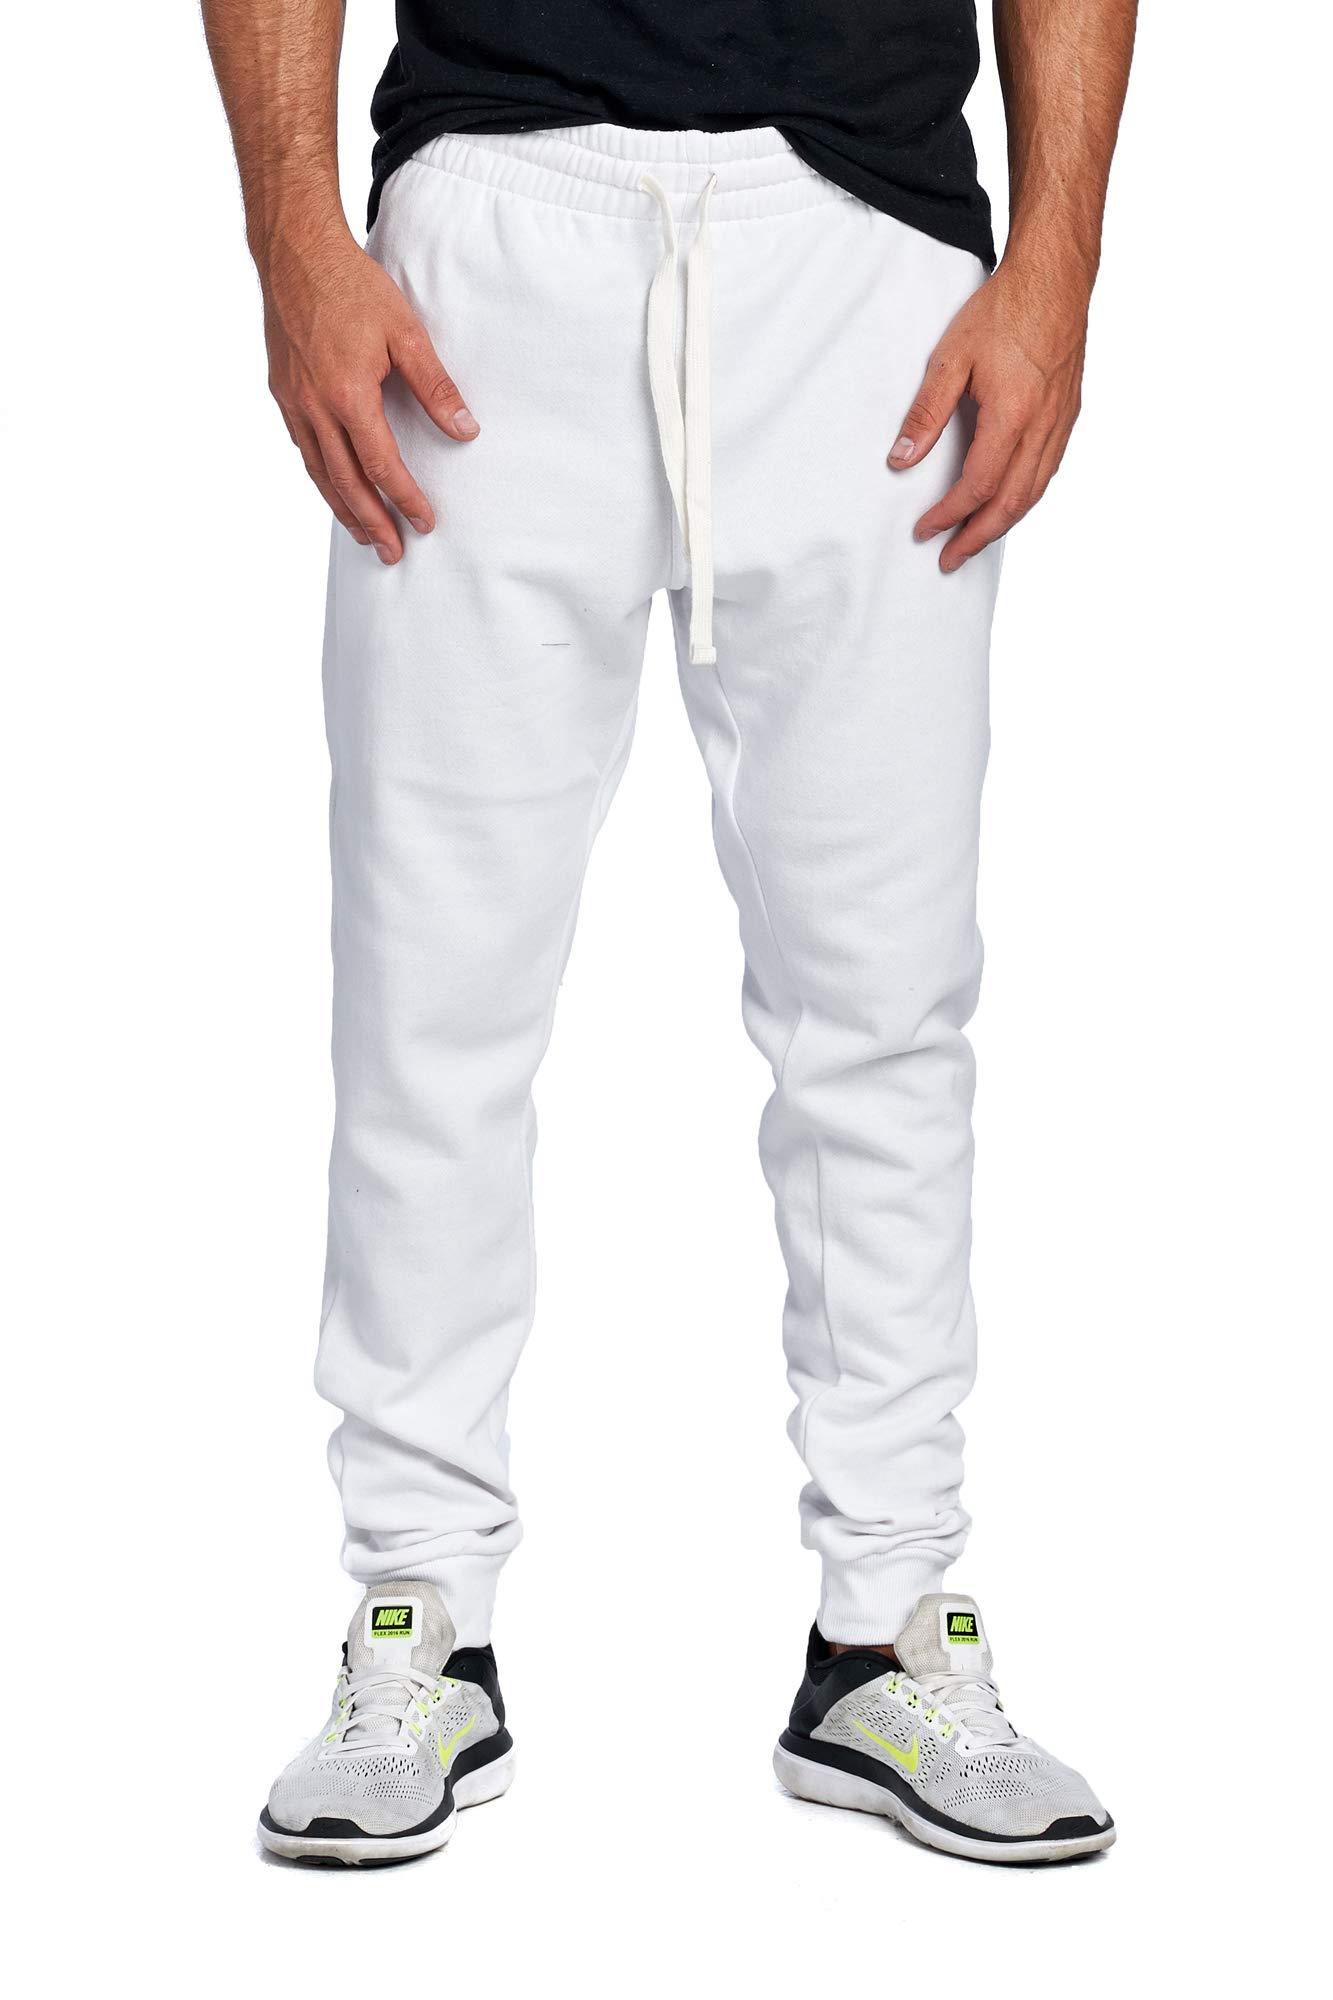 ProGo Men's Casual Jogger Sweatpants Basic Fleece Marled Jogger Pant Elastic Waist (Medium, White) by PROGO USA